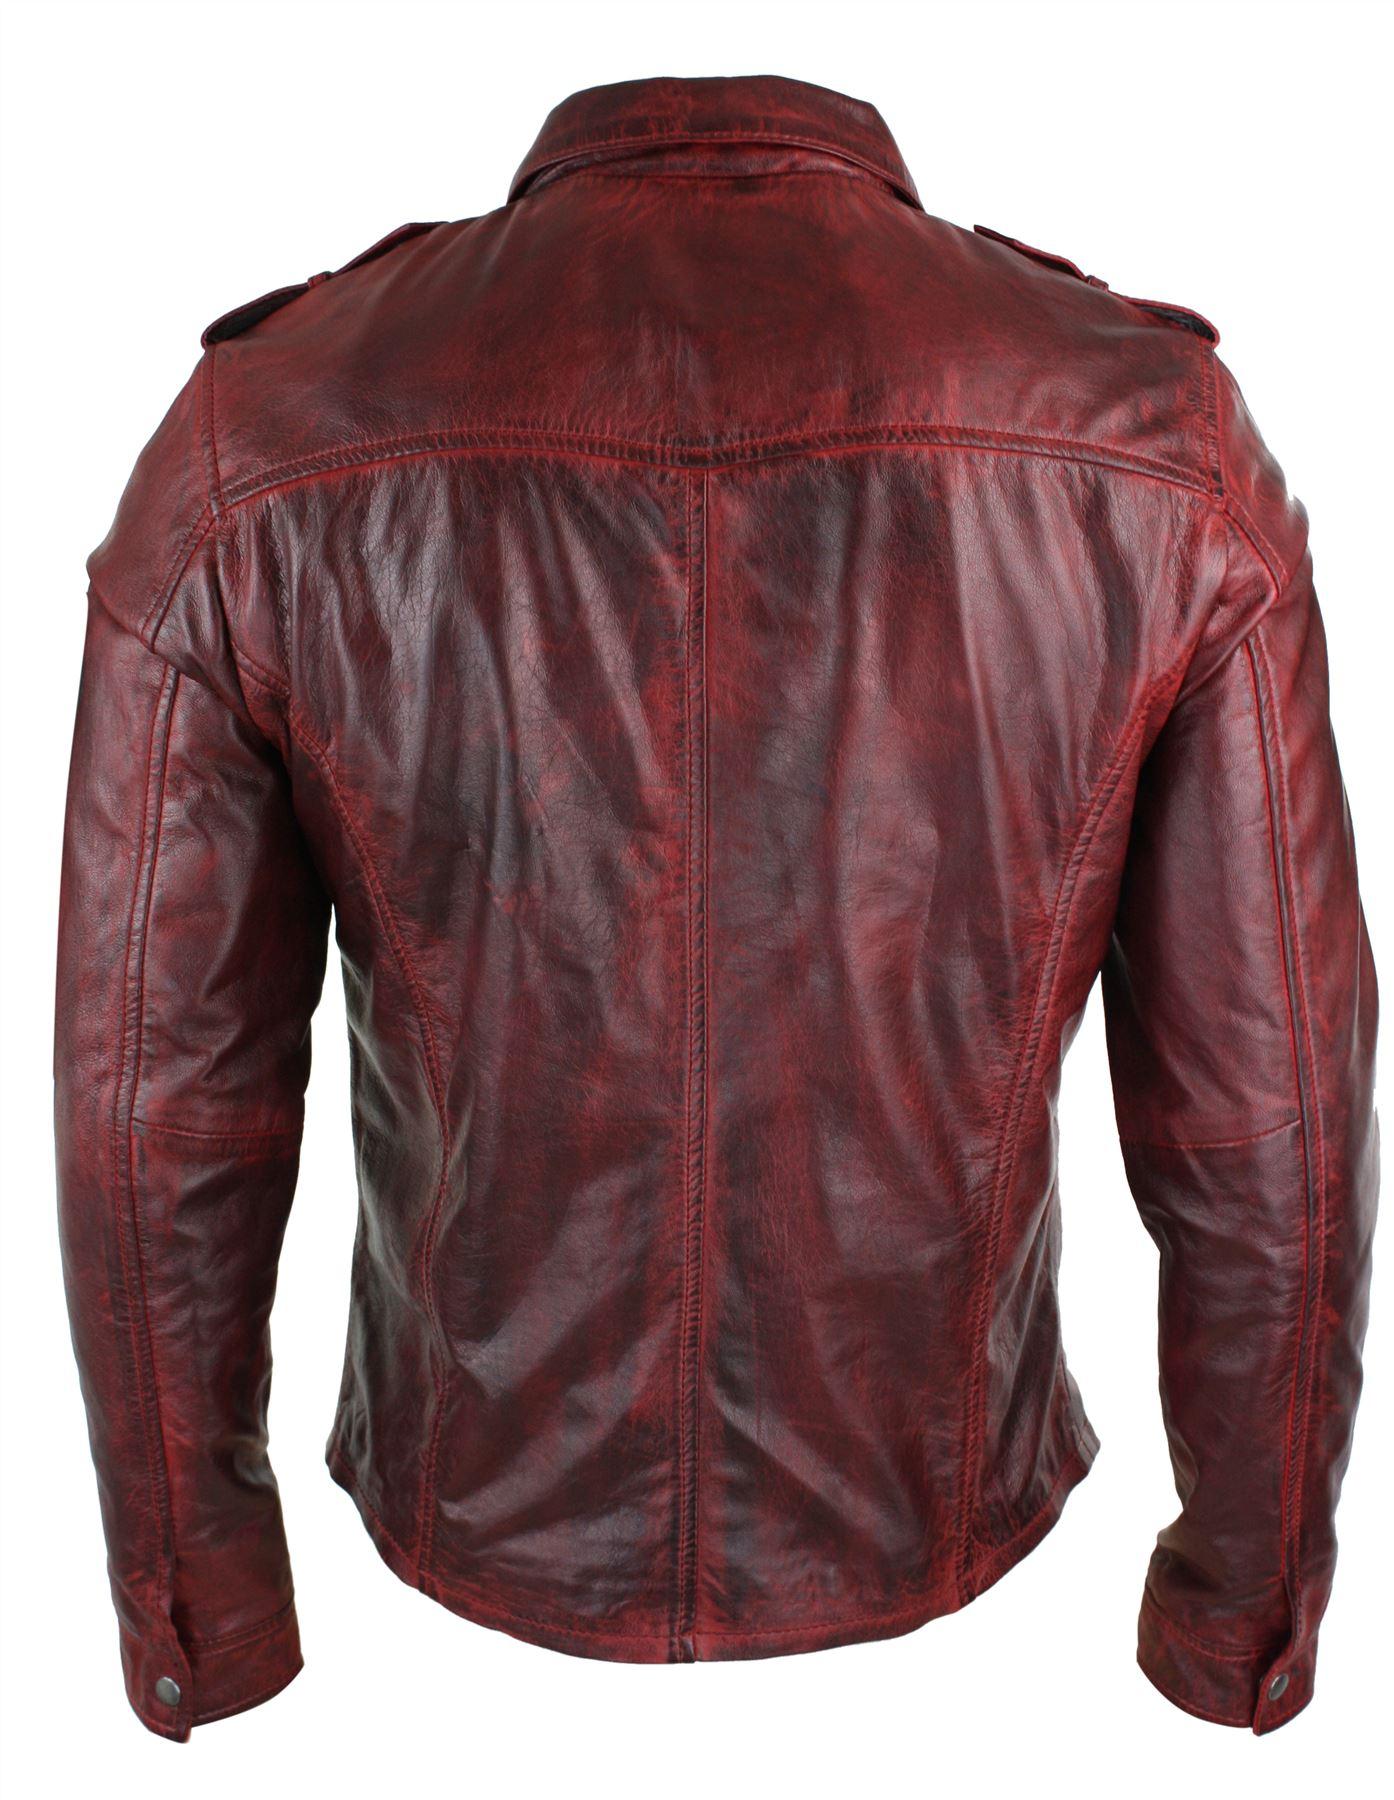 b06e146006a Veste homme cuir véritable marron rouge délavé coupe cintrée ...